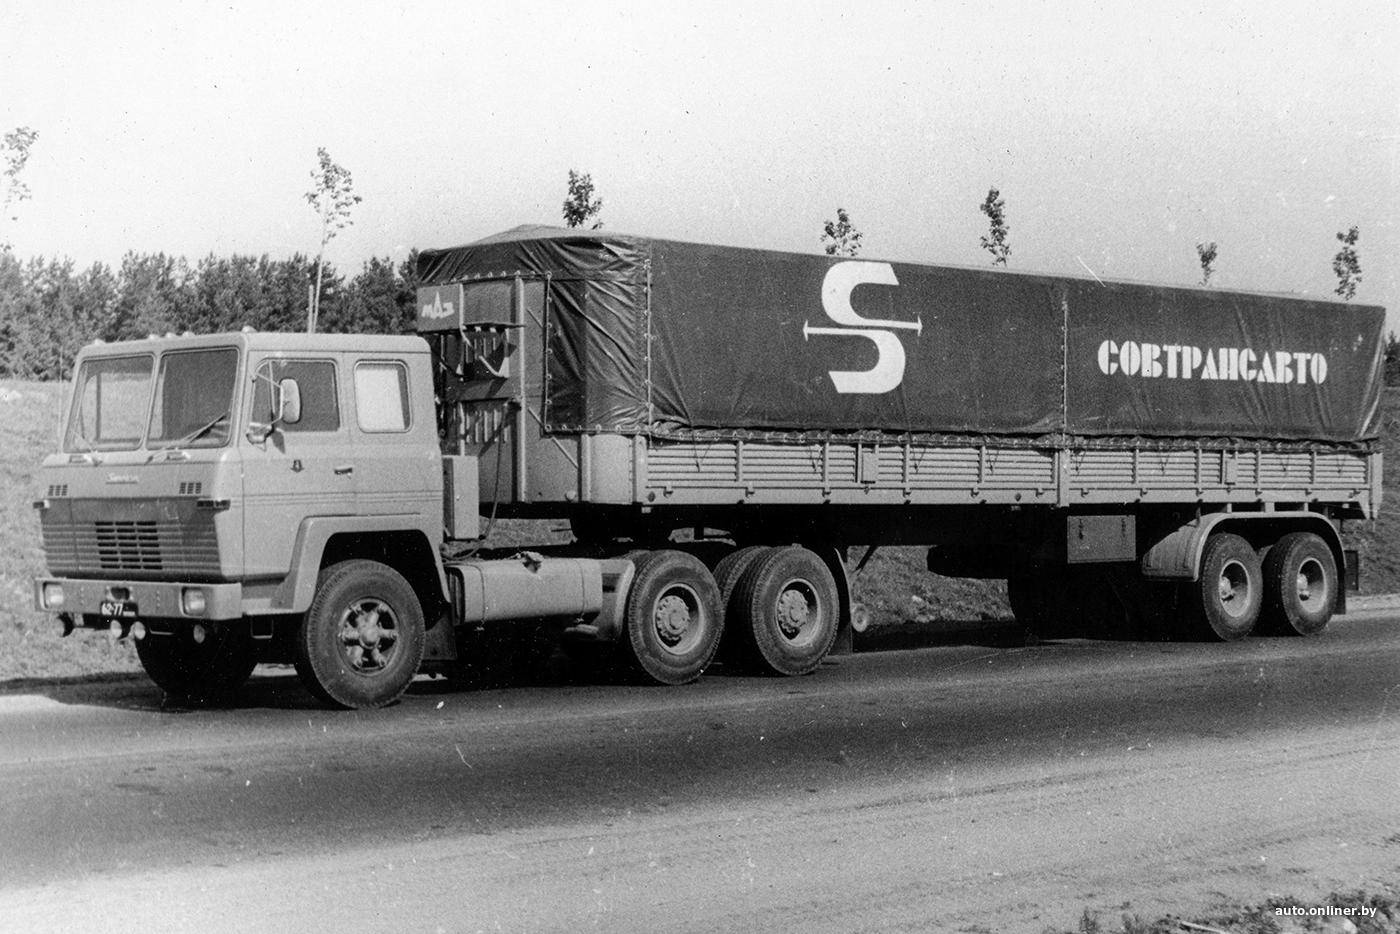 Автозавод выпускает с конвейера каждые 3 минуты блок предохранителей транспортер т5